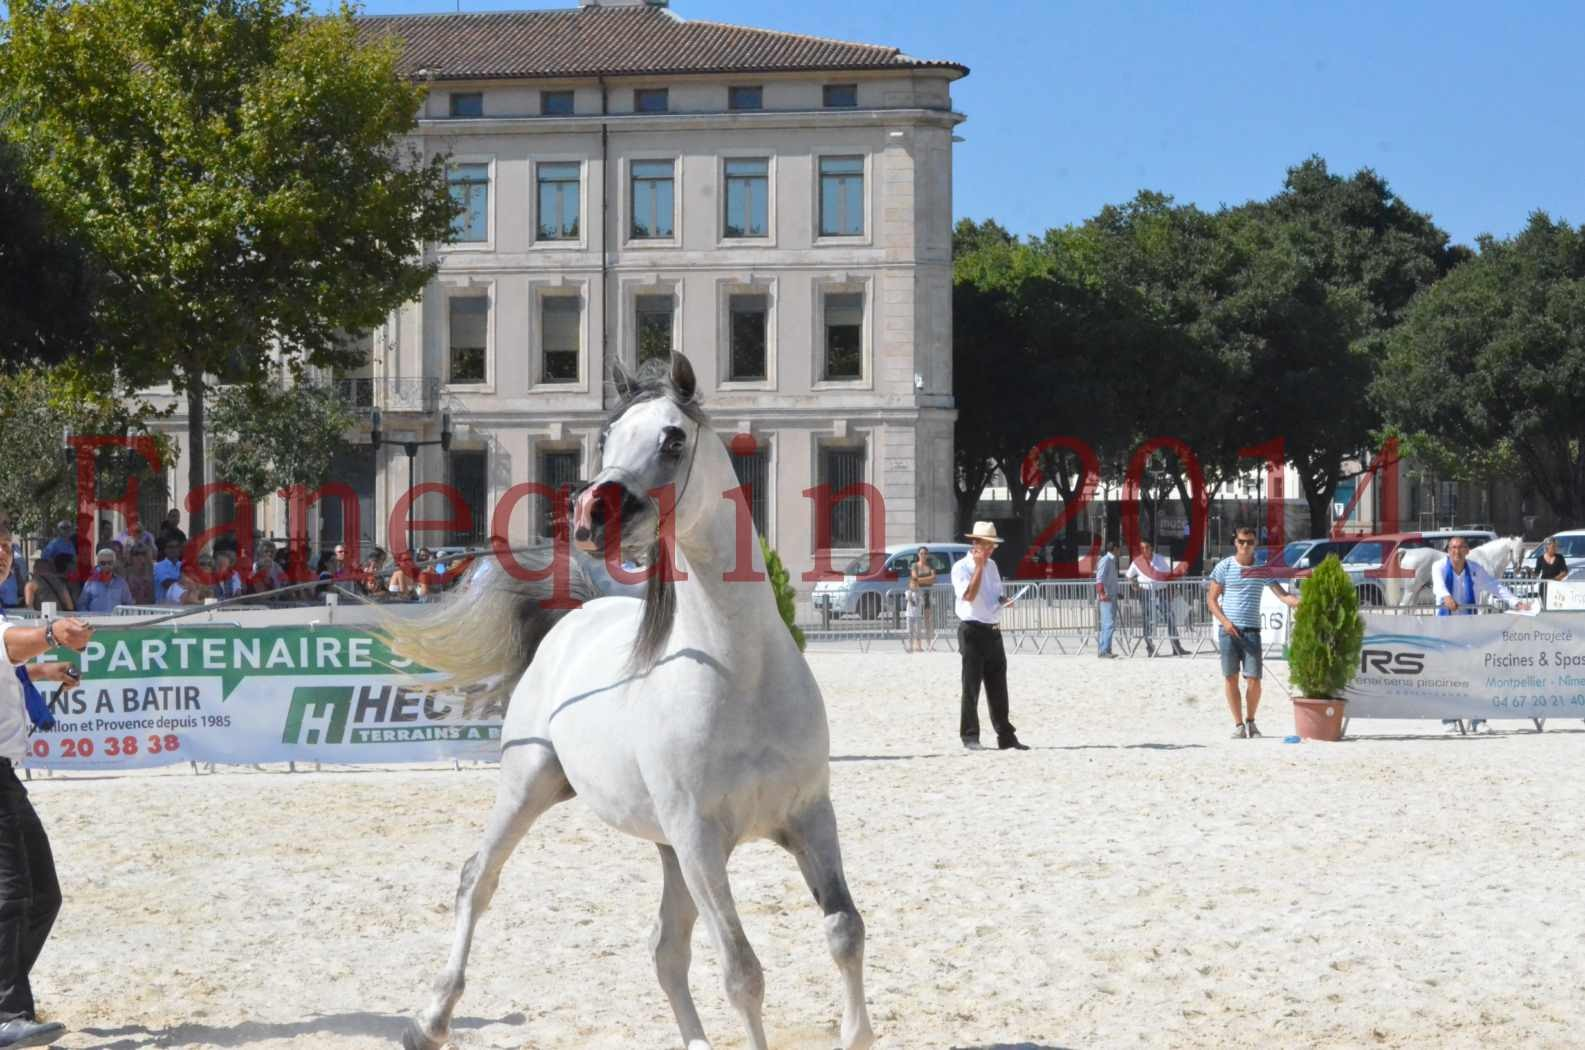 Concours National de Nîmes de chevaux ARABES 2014 - Sélection - SHAOLIN DE NEDJAIA - 57